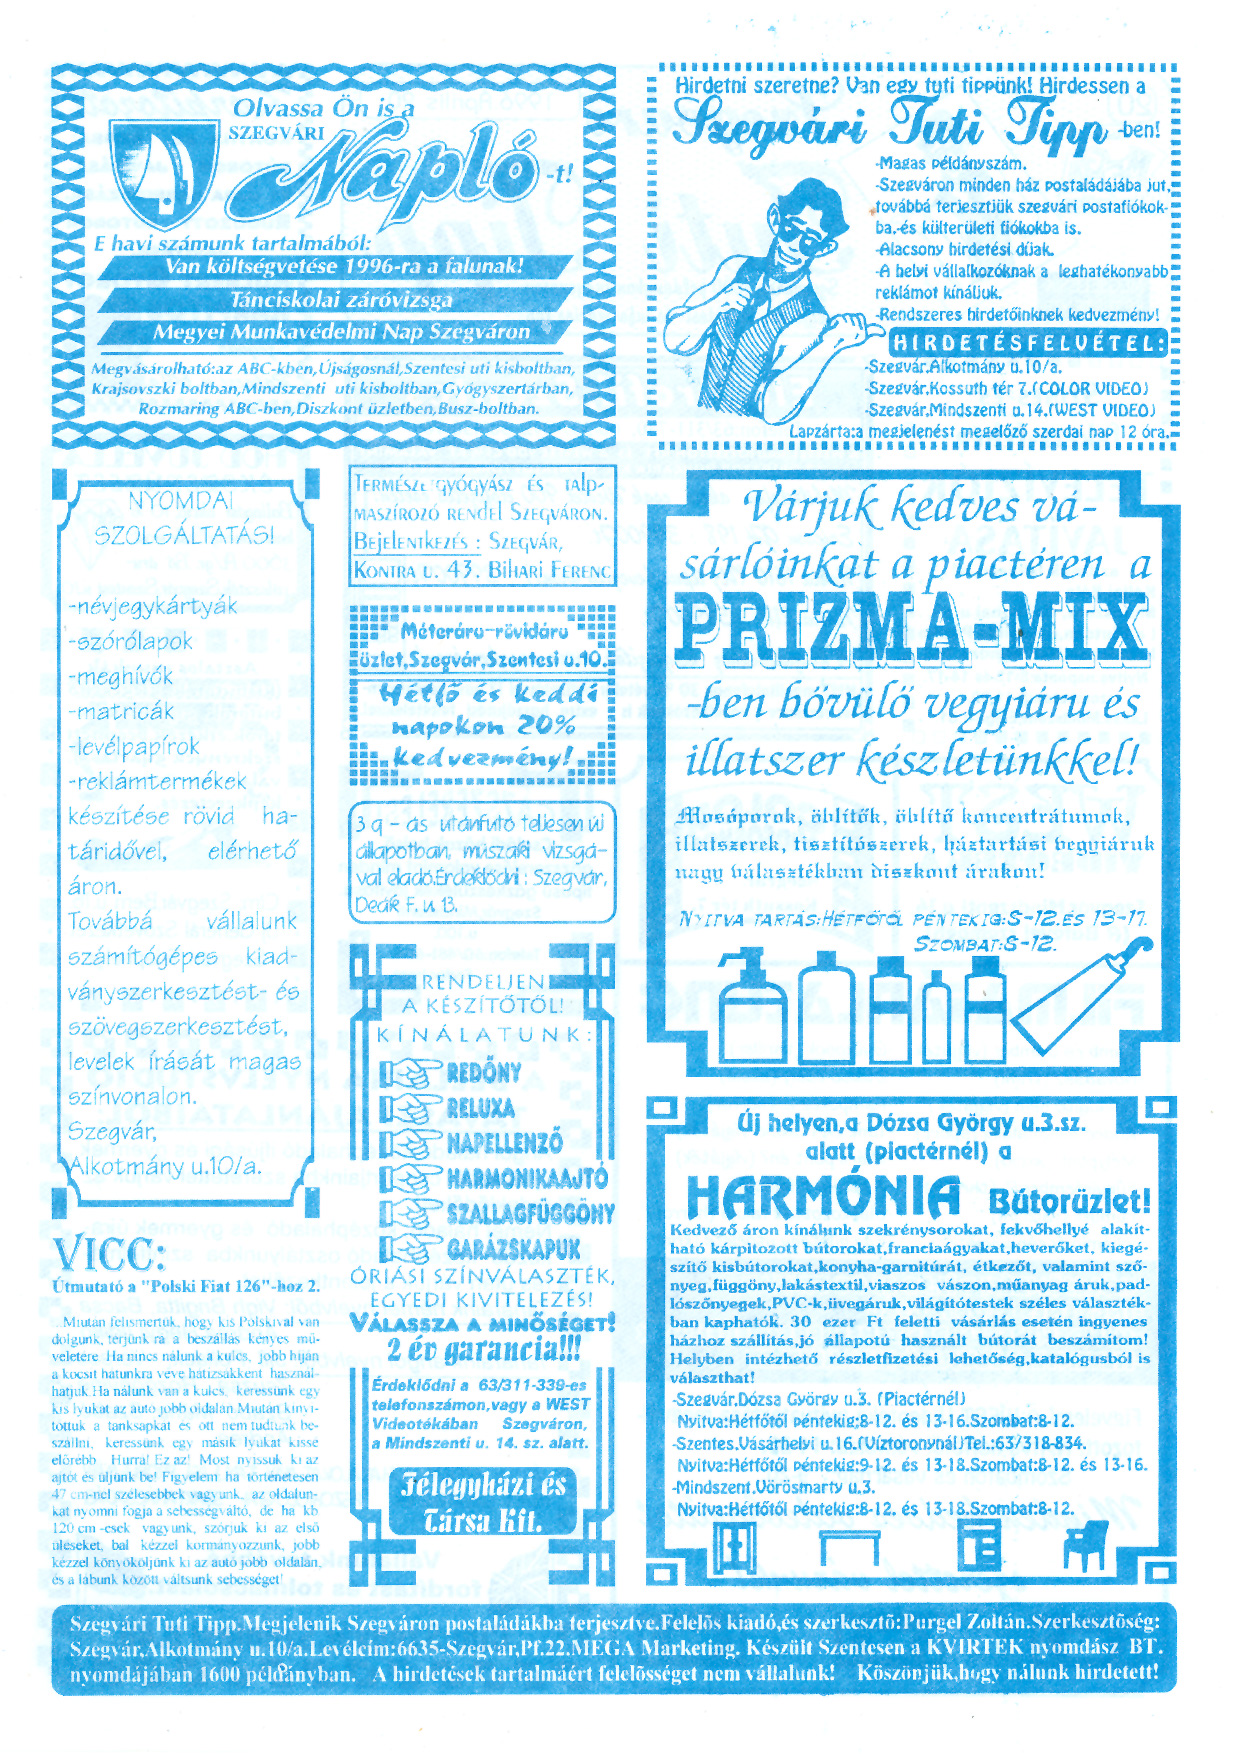 018 Szegvári Tuti Tipp reklámújság - 19960420-020. lapszám - 2.oldal - II. évfolyam.jpg